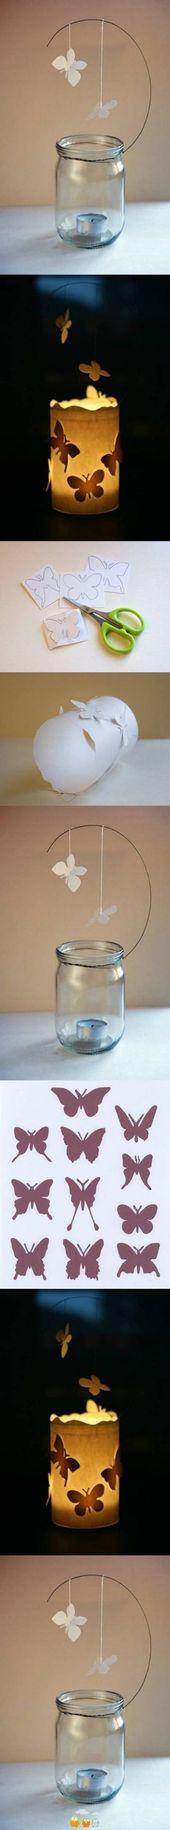 19 Beste Ideen für Diy Decorao Lichter Papierlaternen   – Diy wedding lighting